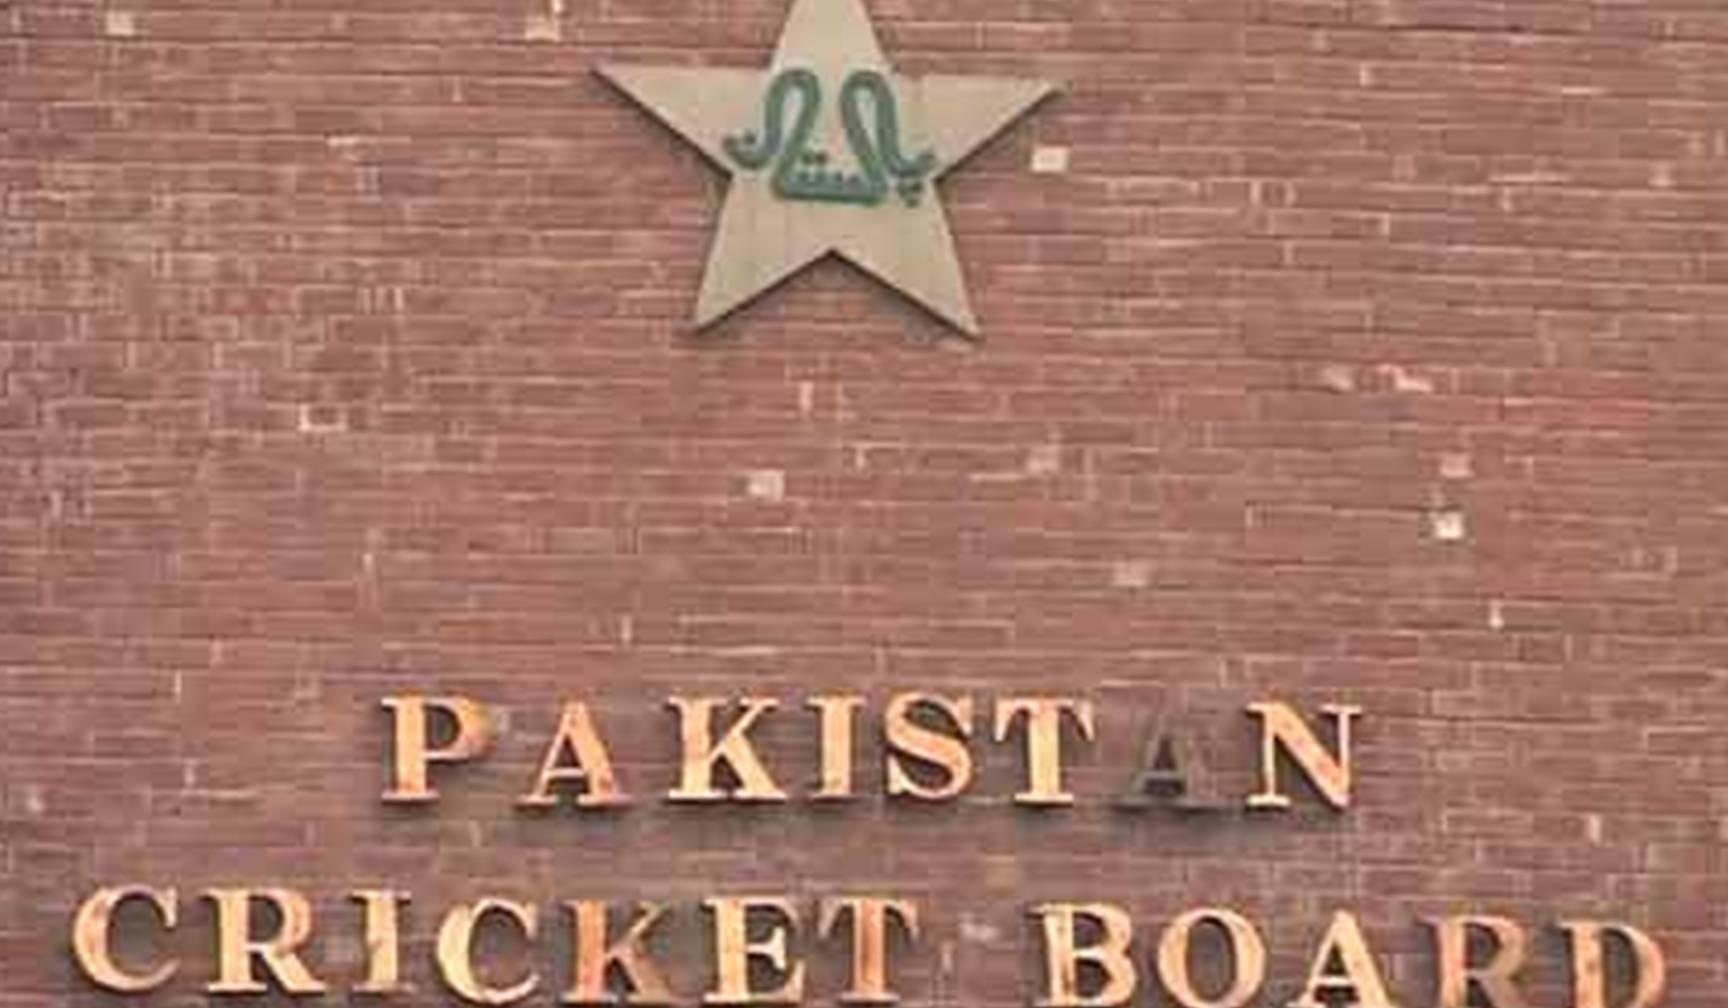 भारत में टी-20 और वनडे विश्व कप खेलने को तैयार है पाकिस्तान, आईसीसी के सामने रखी ये शर्त 6